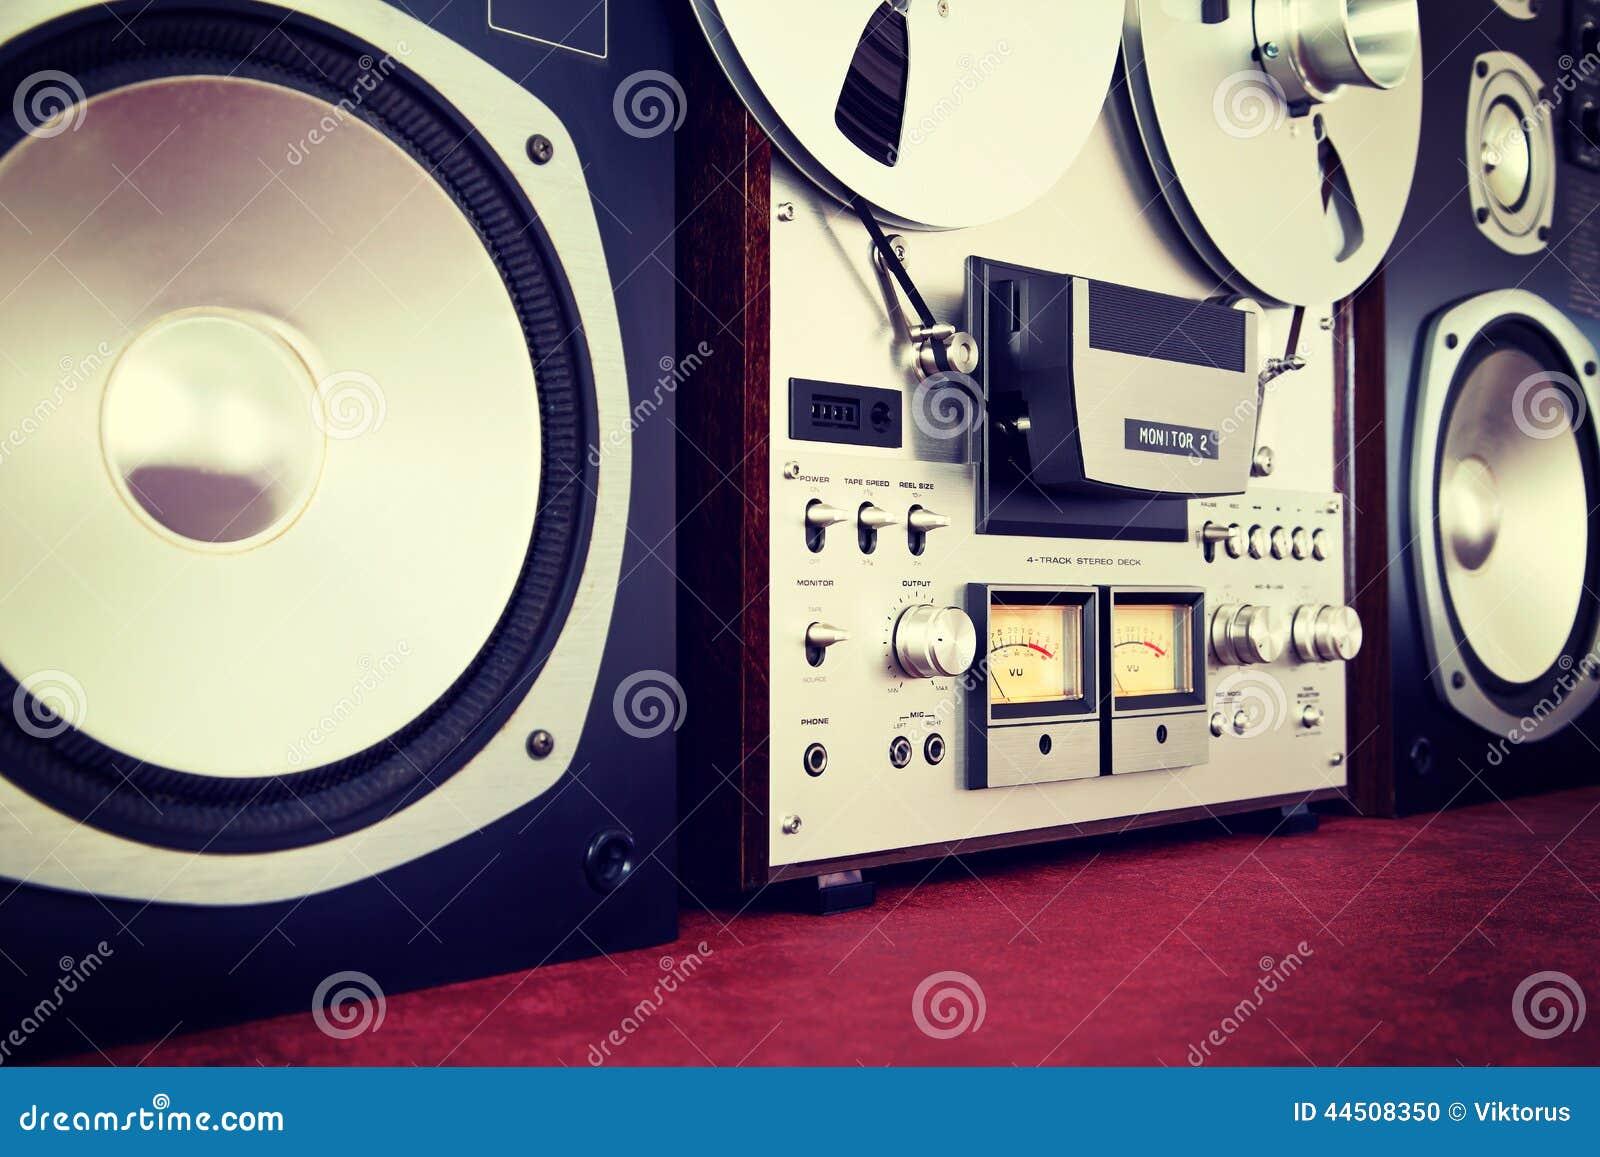 模式与报告人的立体音响开放卷轴磁带机记录器葡萄酒